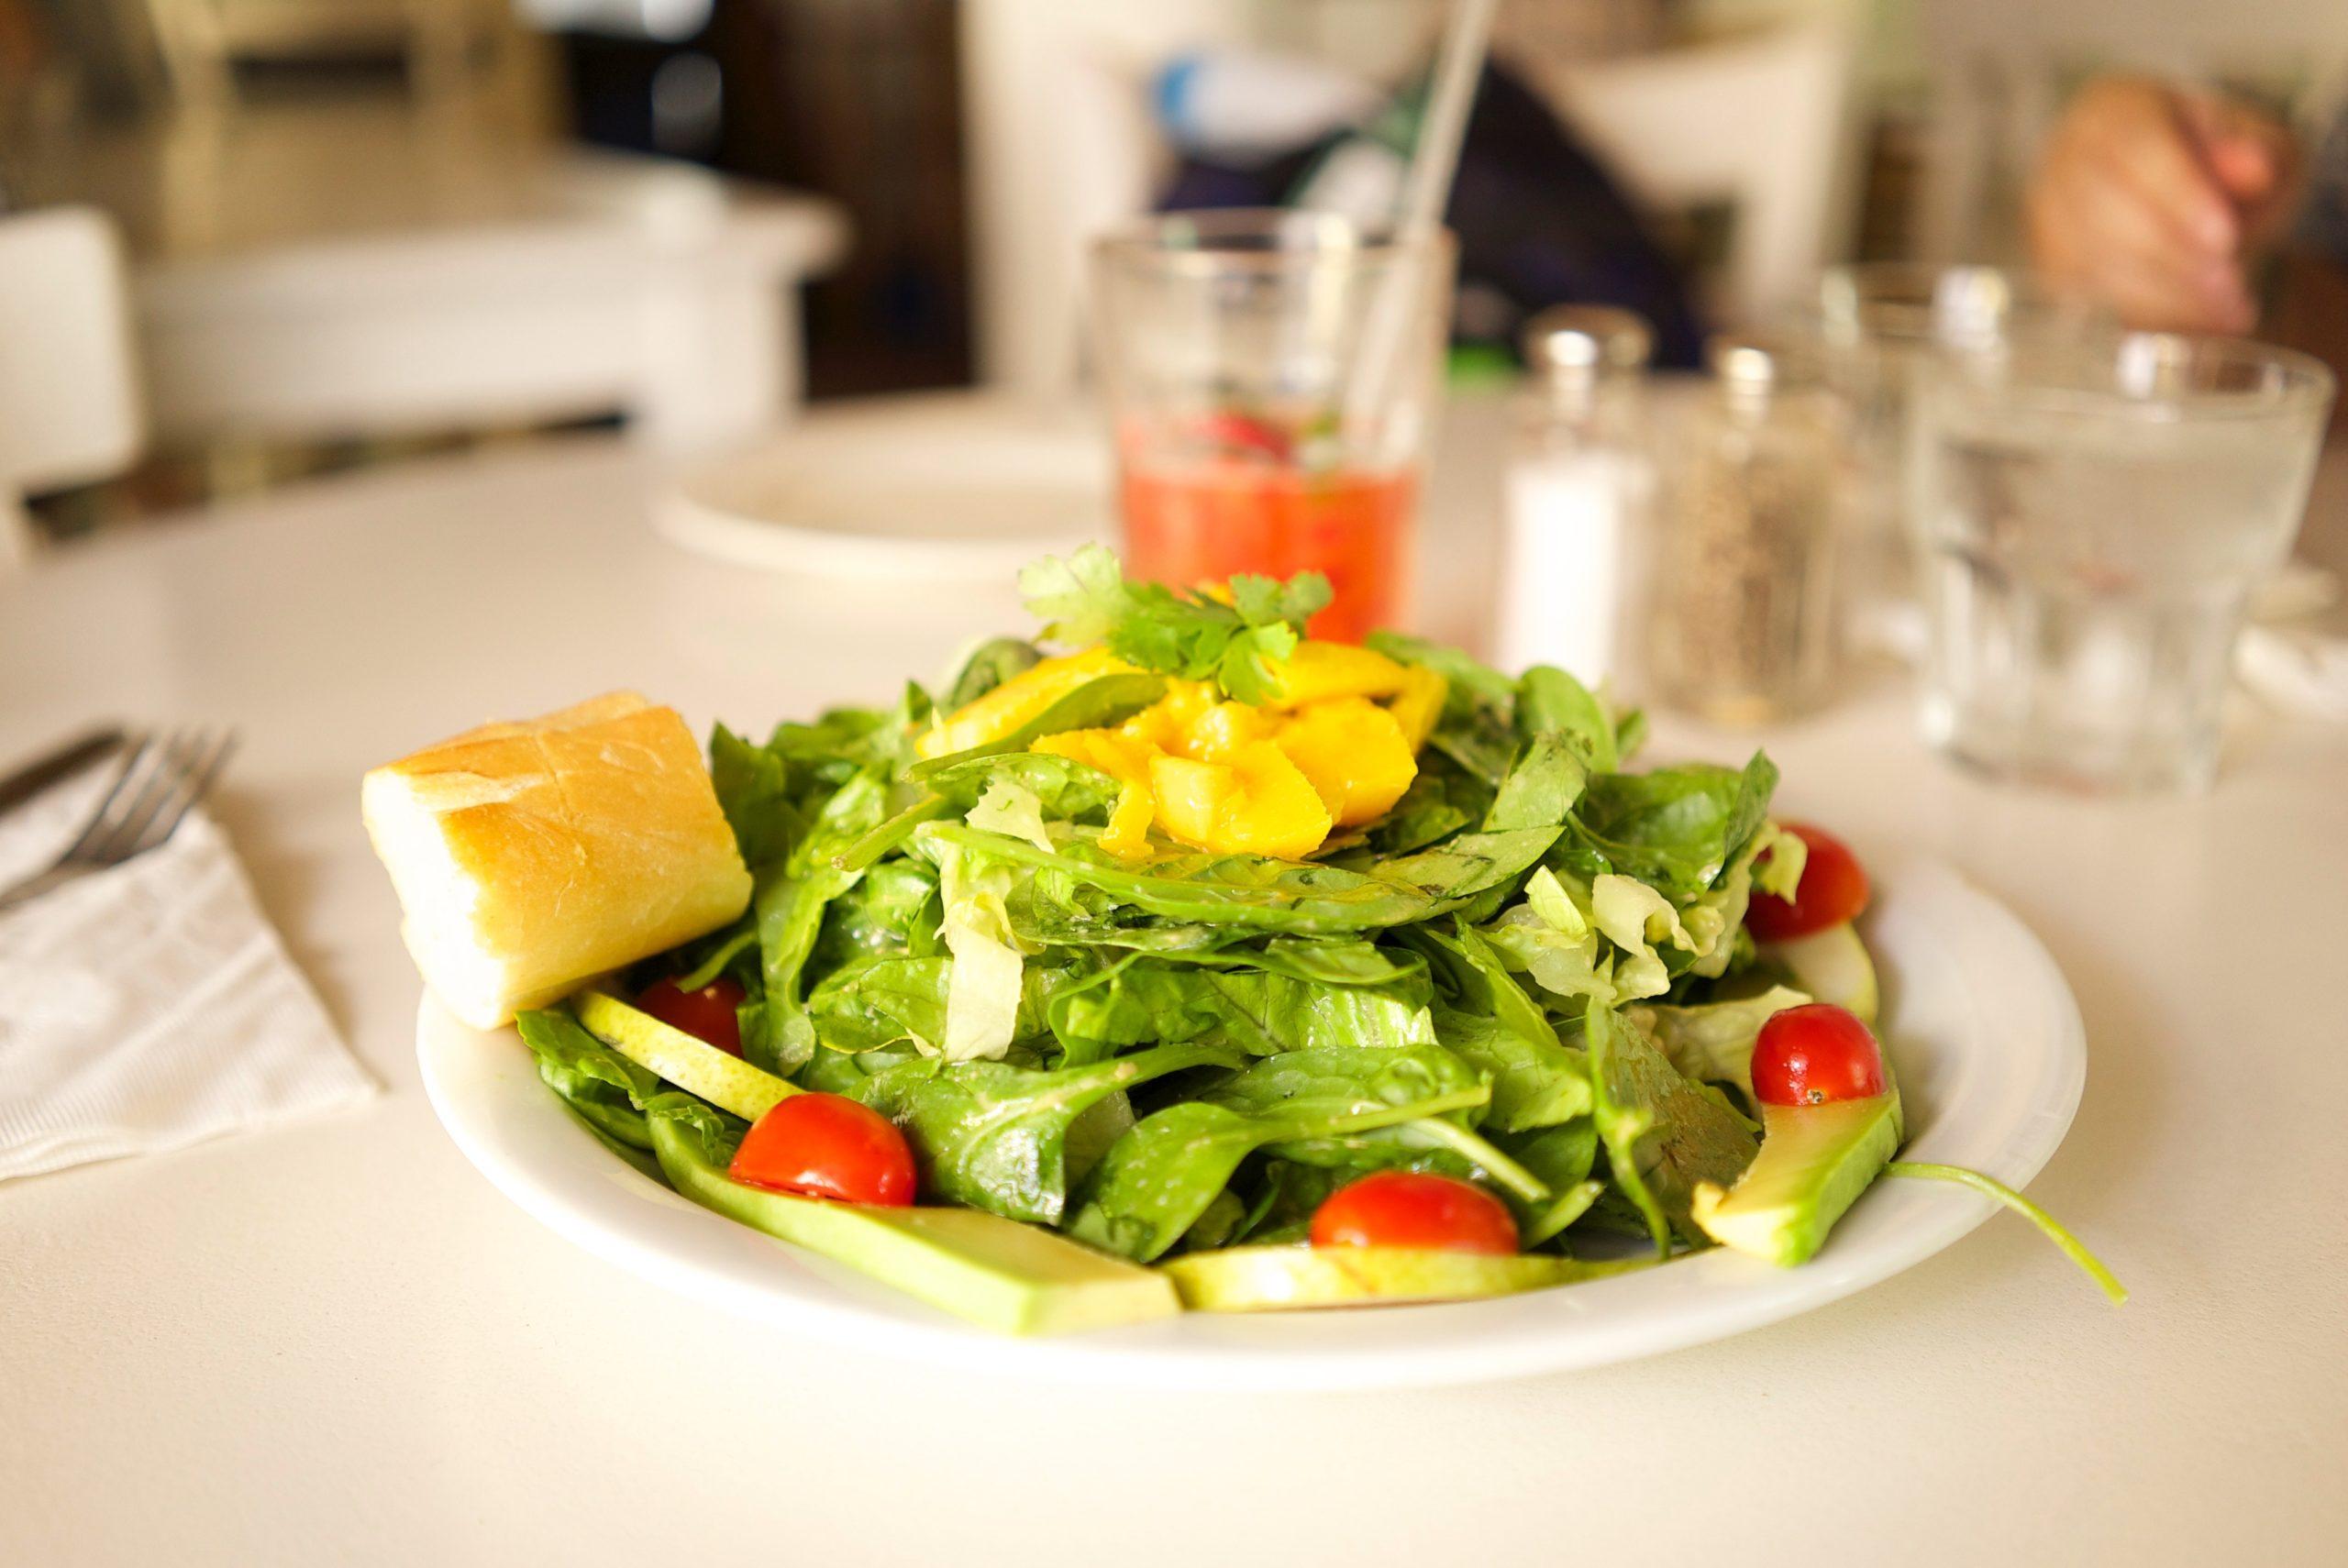 non-perishable food